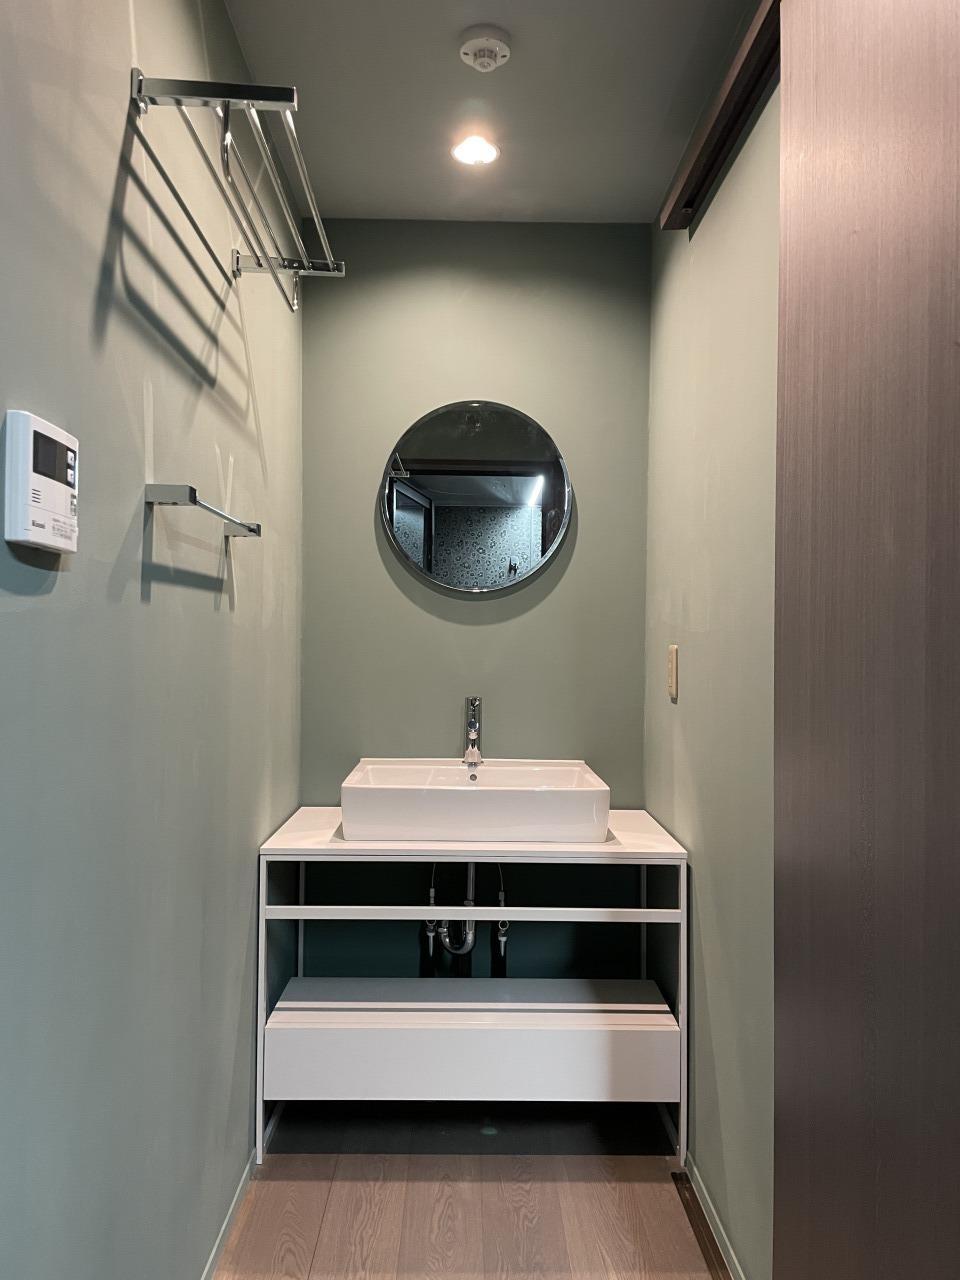 専用洗面台も一新されています